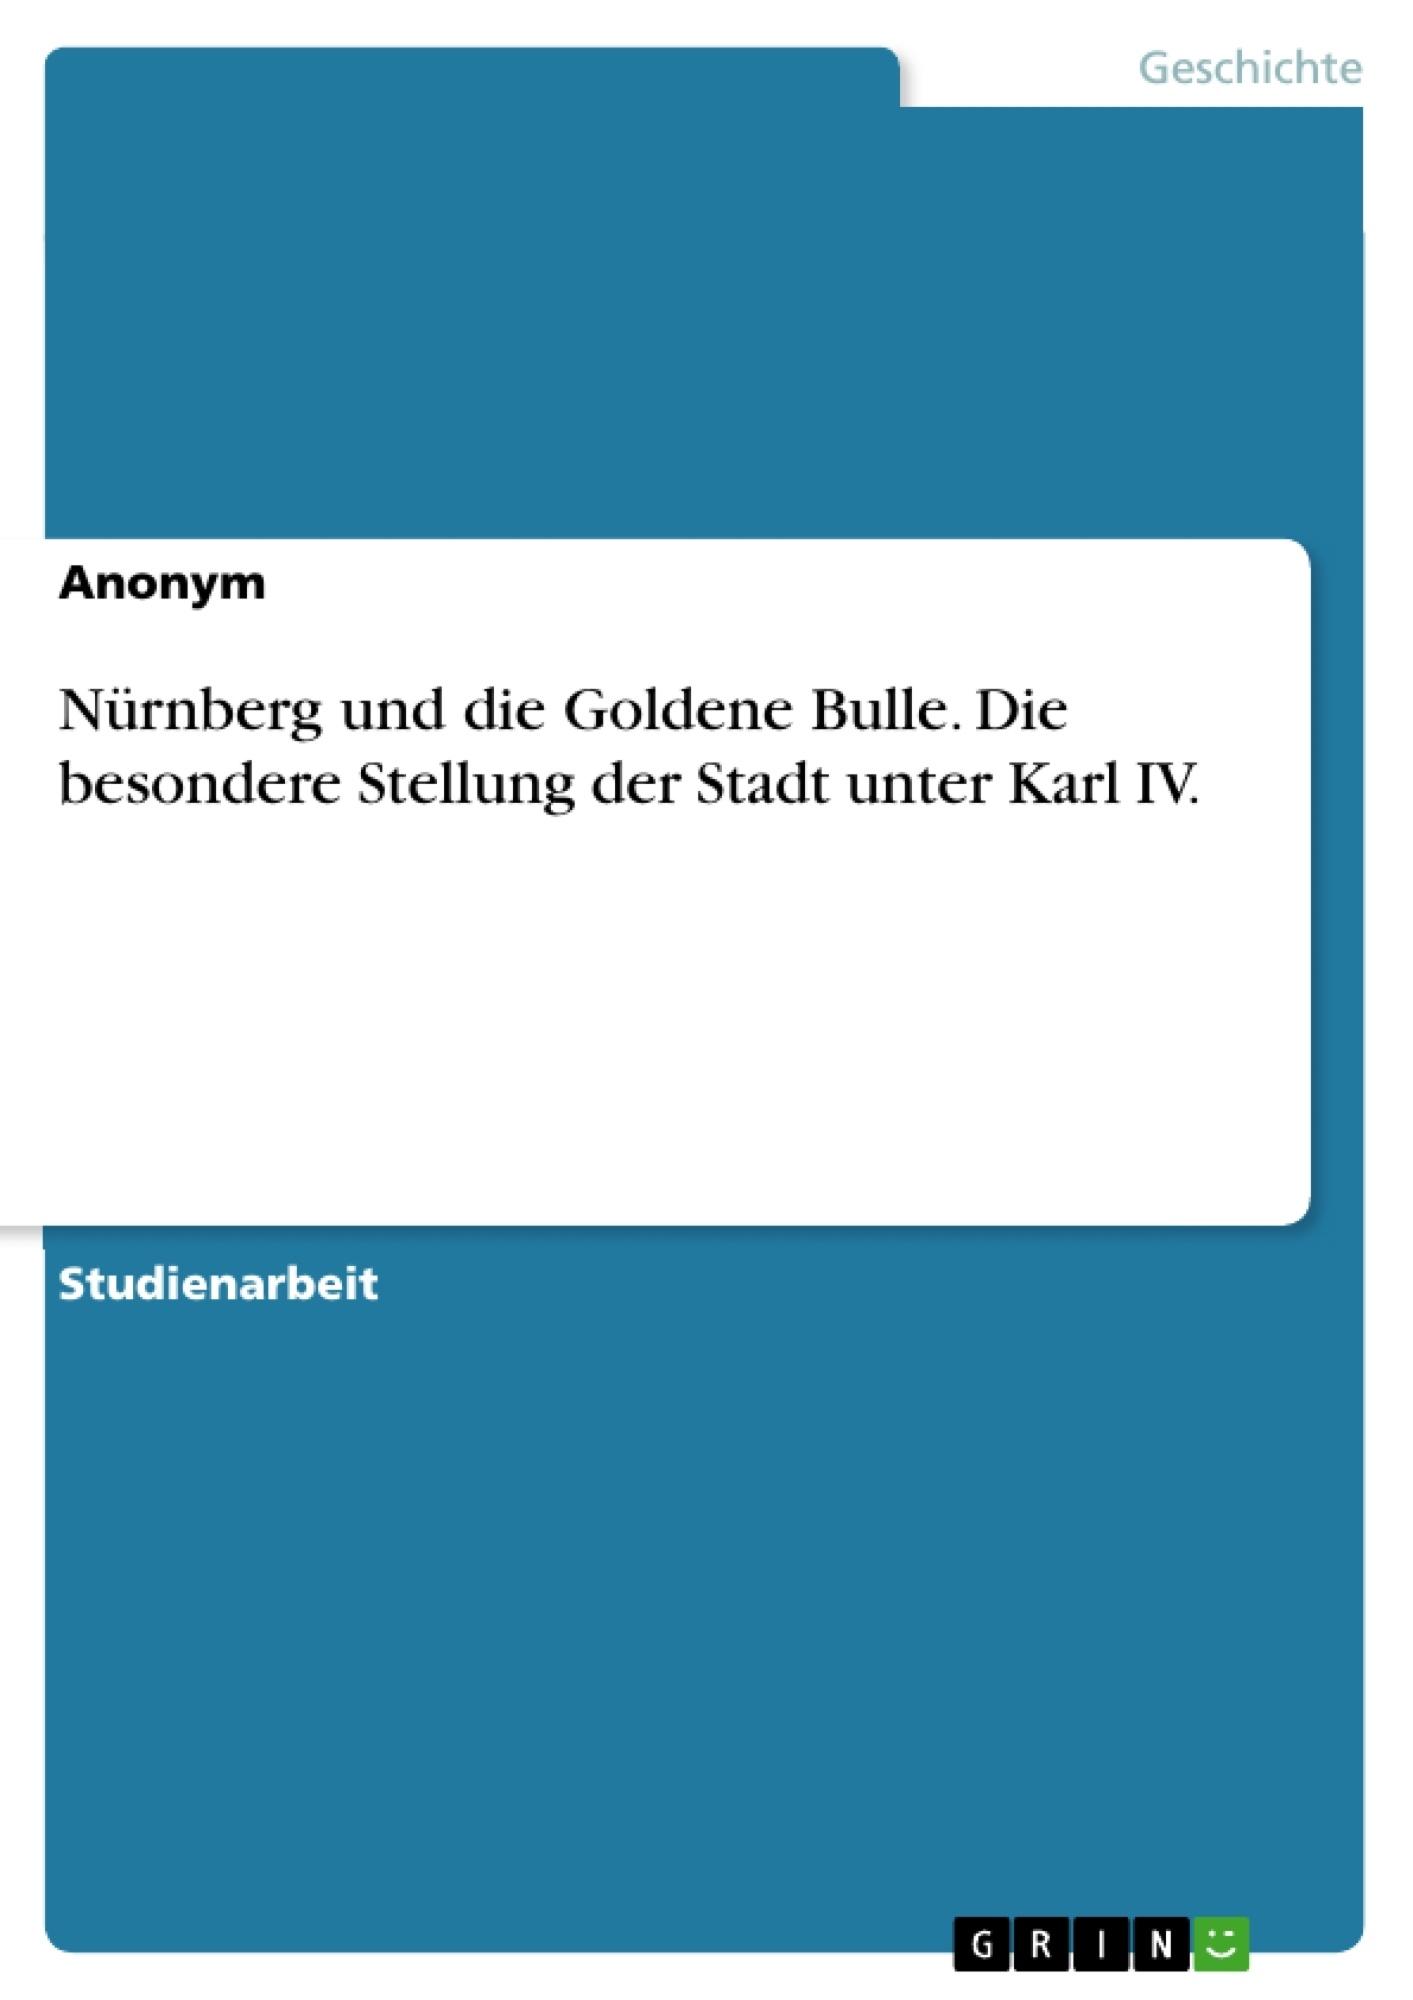 Titel: Nürnberg und die Goldene Bulle. Die besondere Stellung der Stadt unter Karl IV.